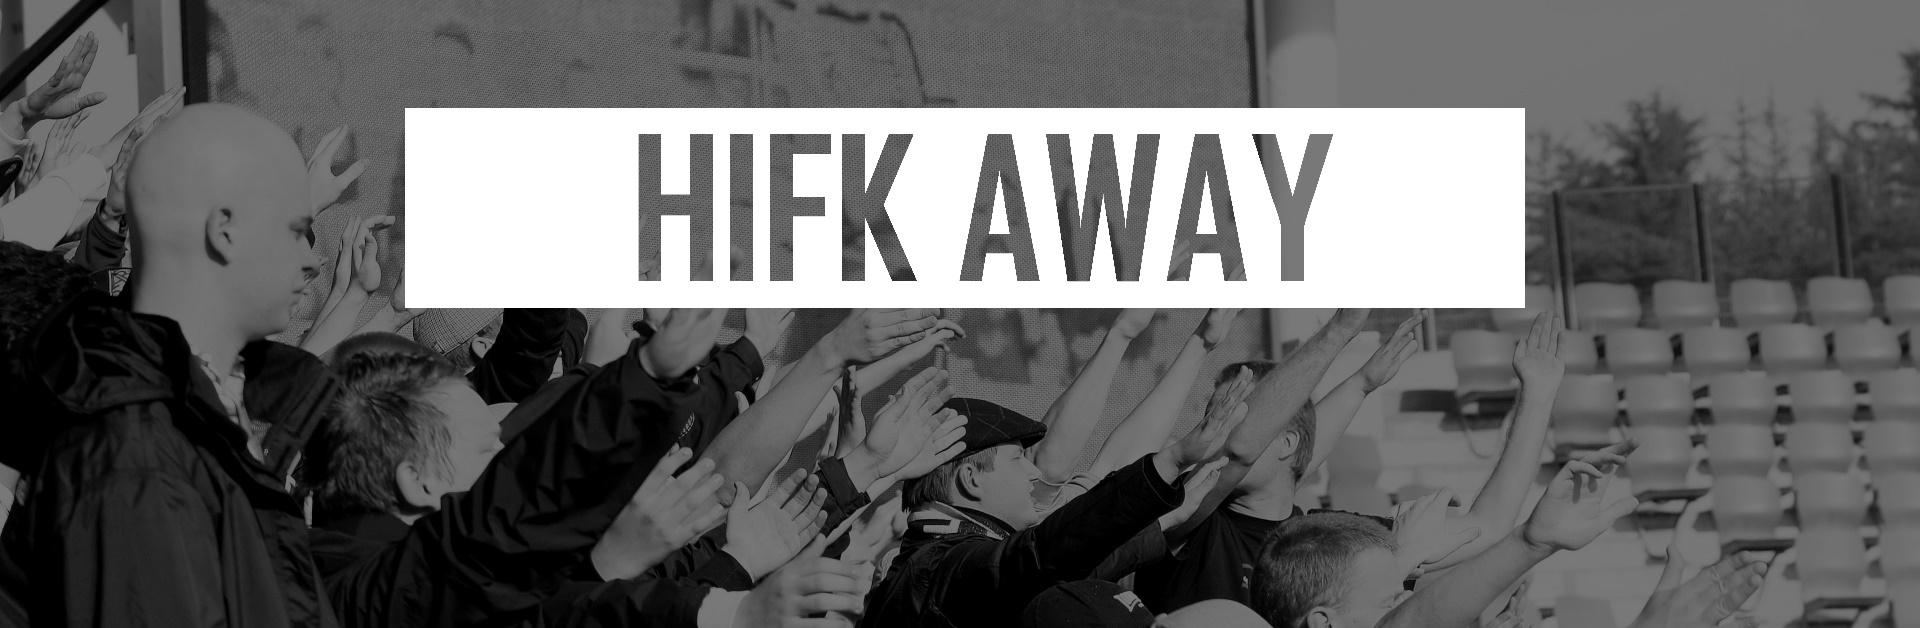 HIFK away ma 10.8.